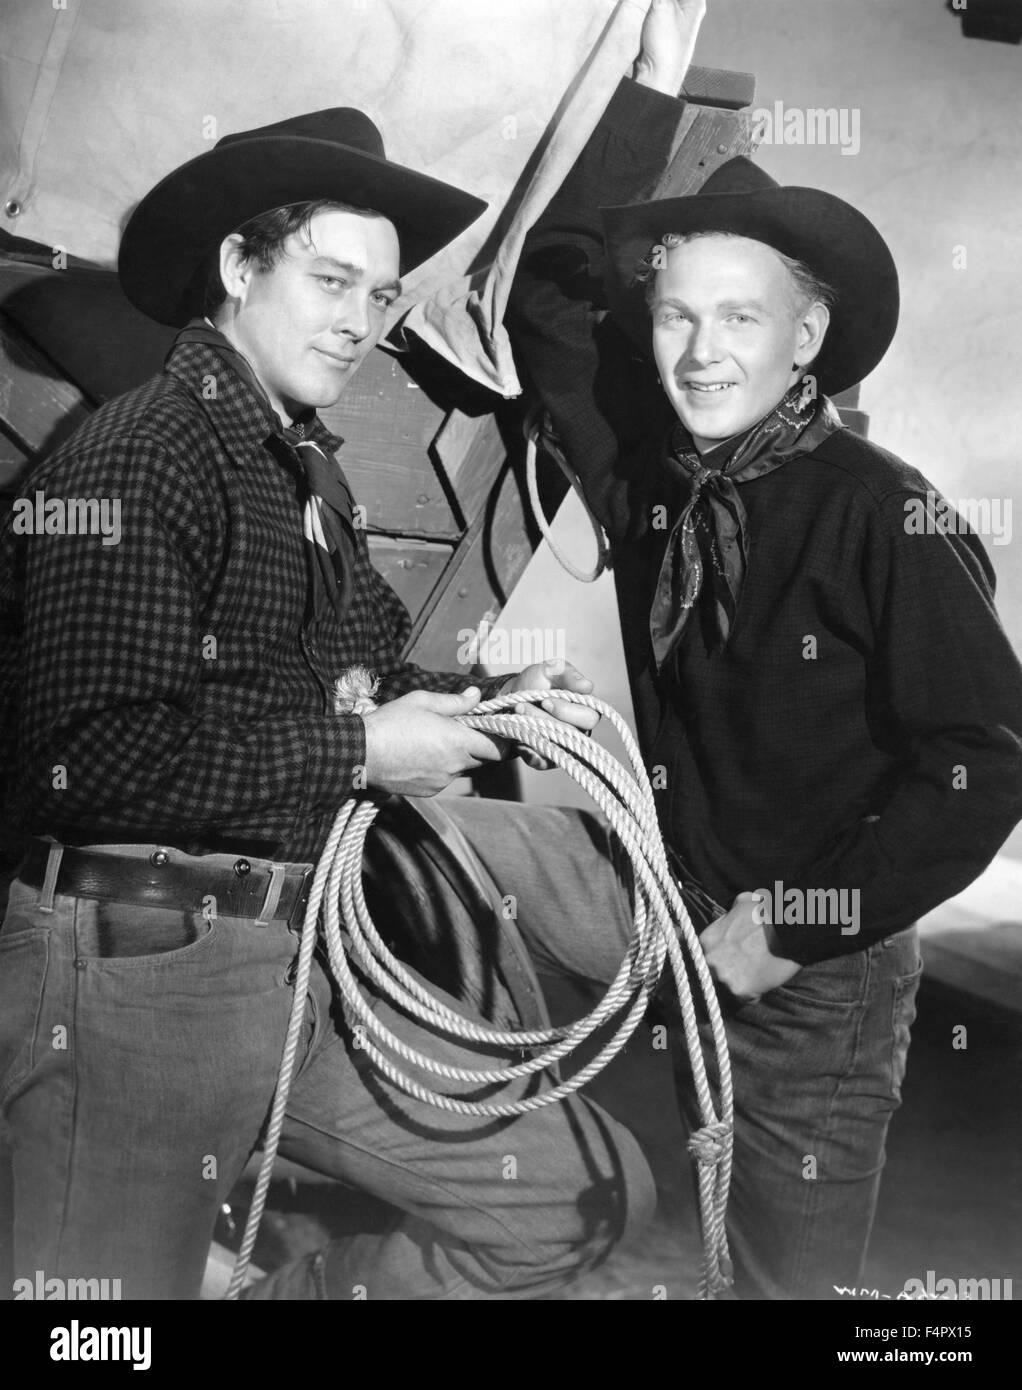 Ben Johnson und Harry Carey Jr. / Wagon Master / 1950 unter der Regie von John Ford [Argosy Bilder / RKO Radio Pict] Stockbild